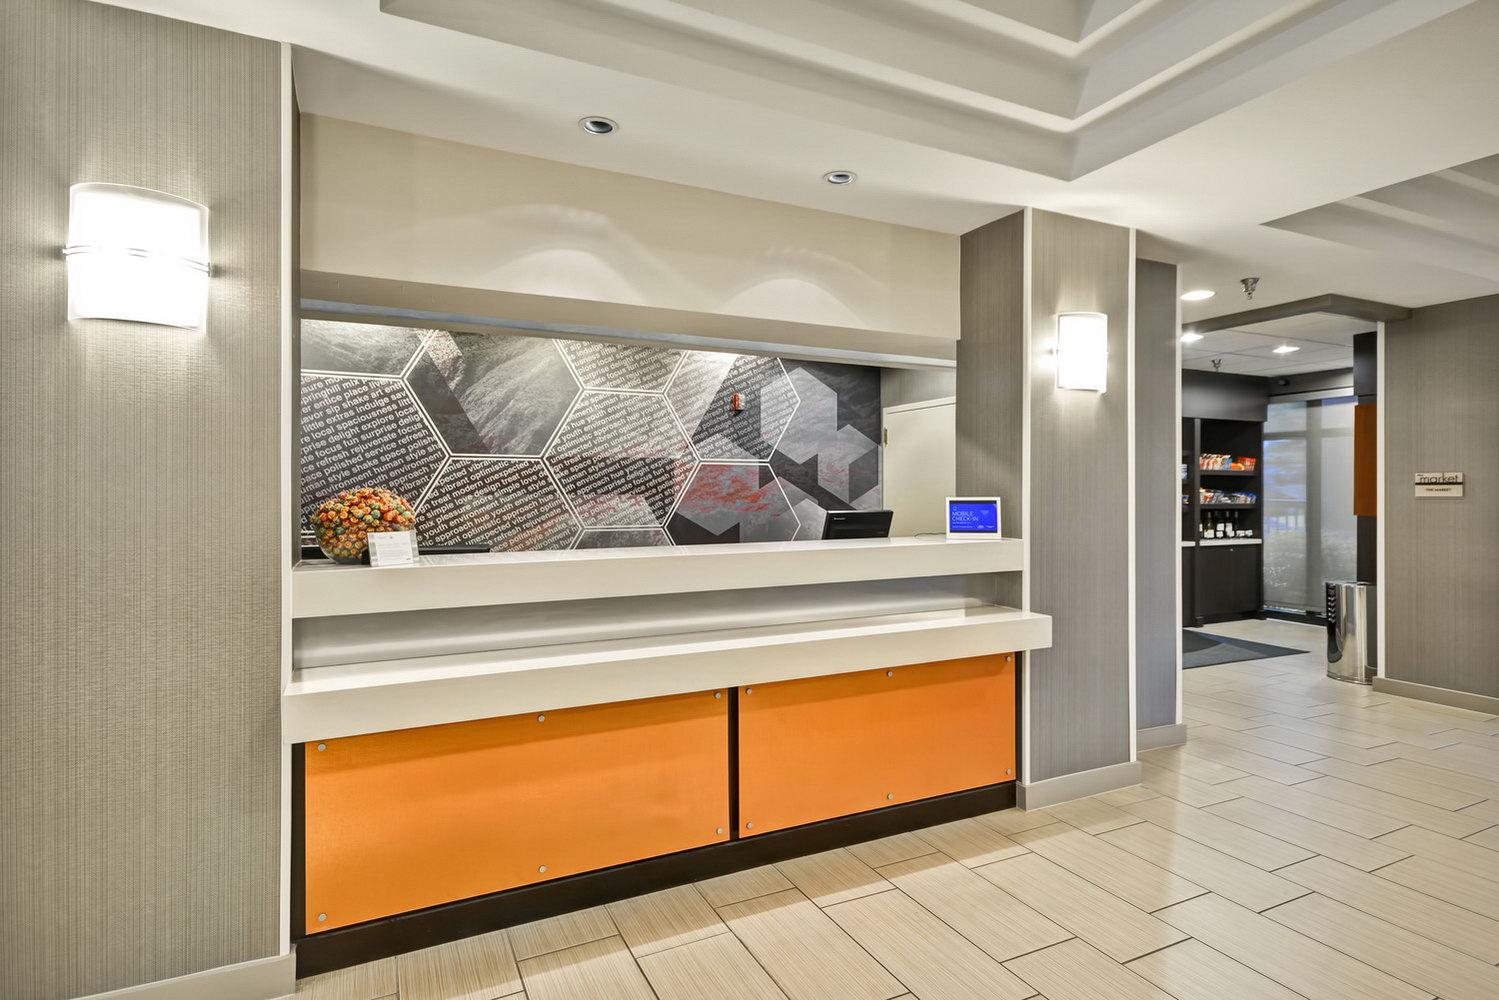 Crestline Hotels Job Application